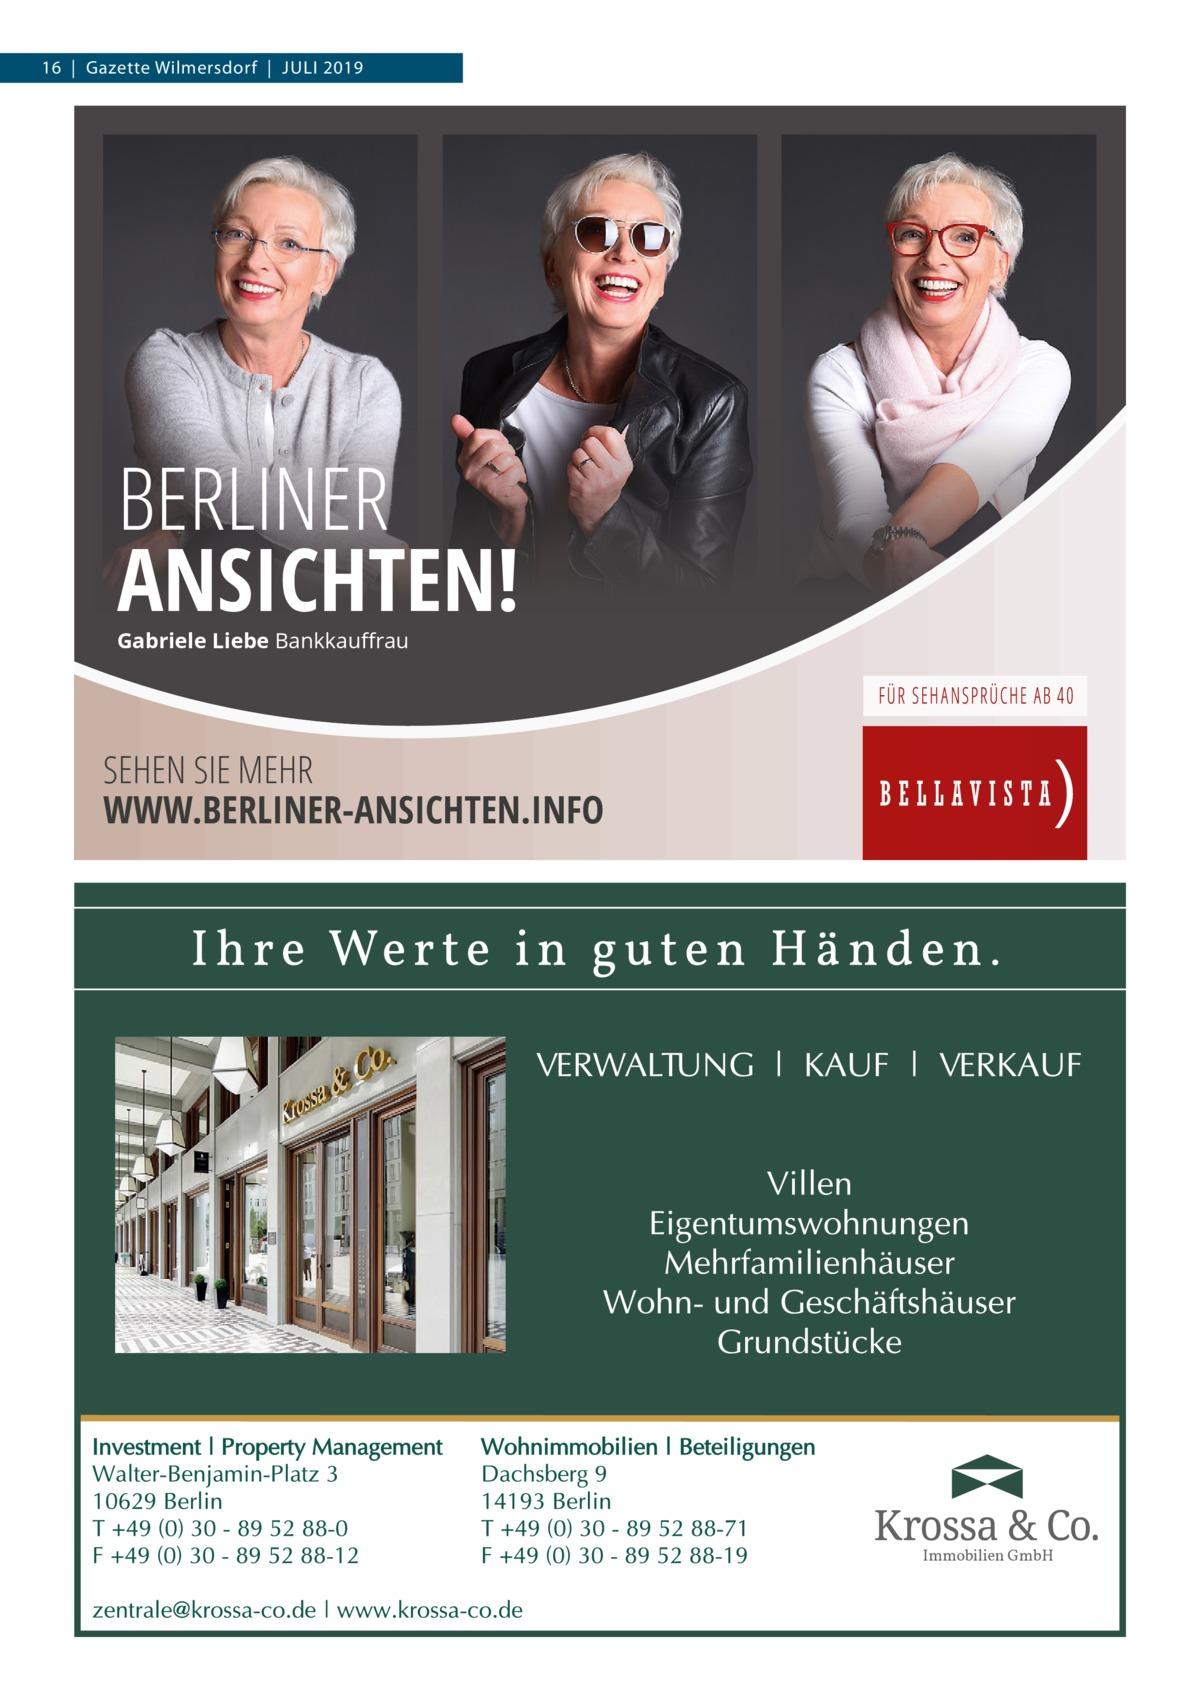 16|Gazette Wilmersdorf|JULI 2019  BERLINER ANSICHTEN! Gabriele Liebe Bankkauffrau  SEHEN SIE MEHR WWW.BERLINER-ANSICHTEN.INFO  Immobilien GmbH